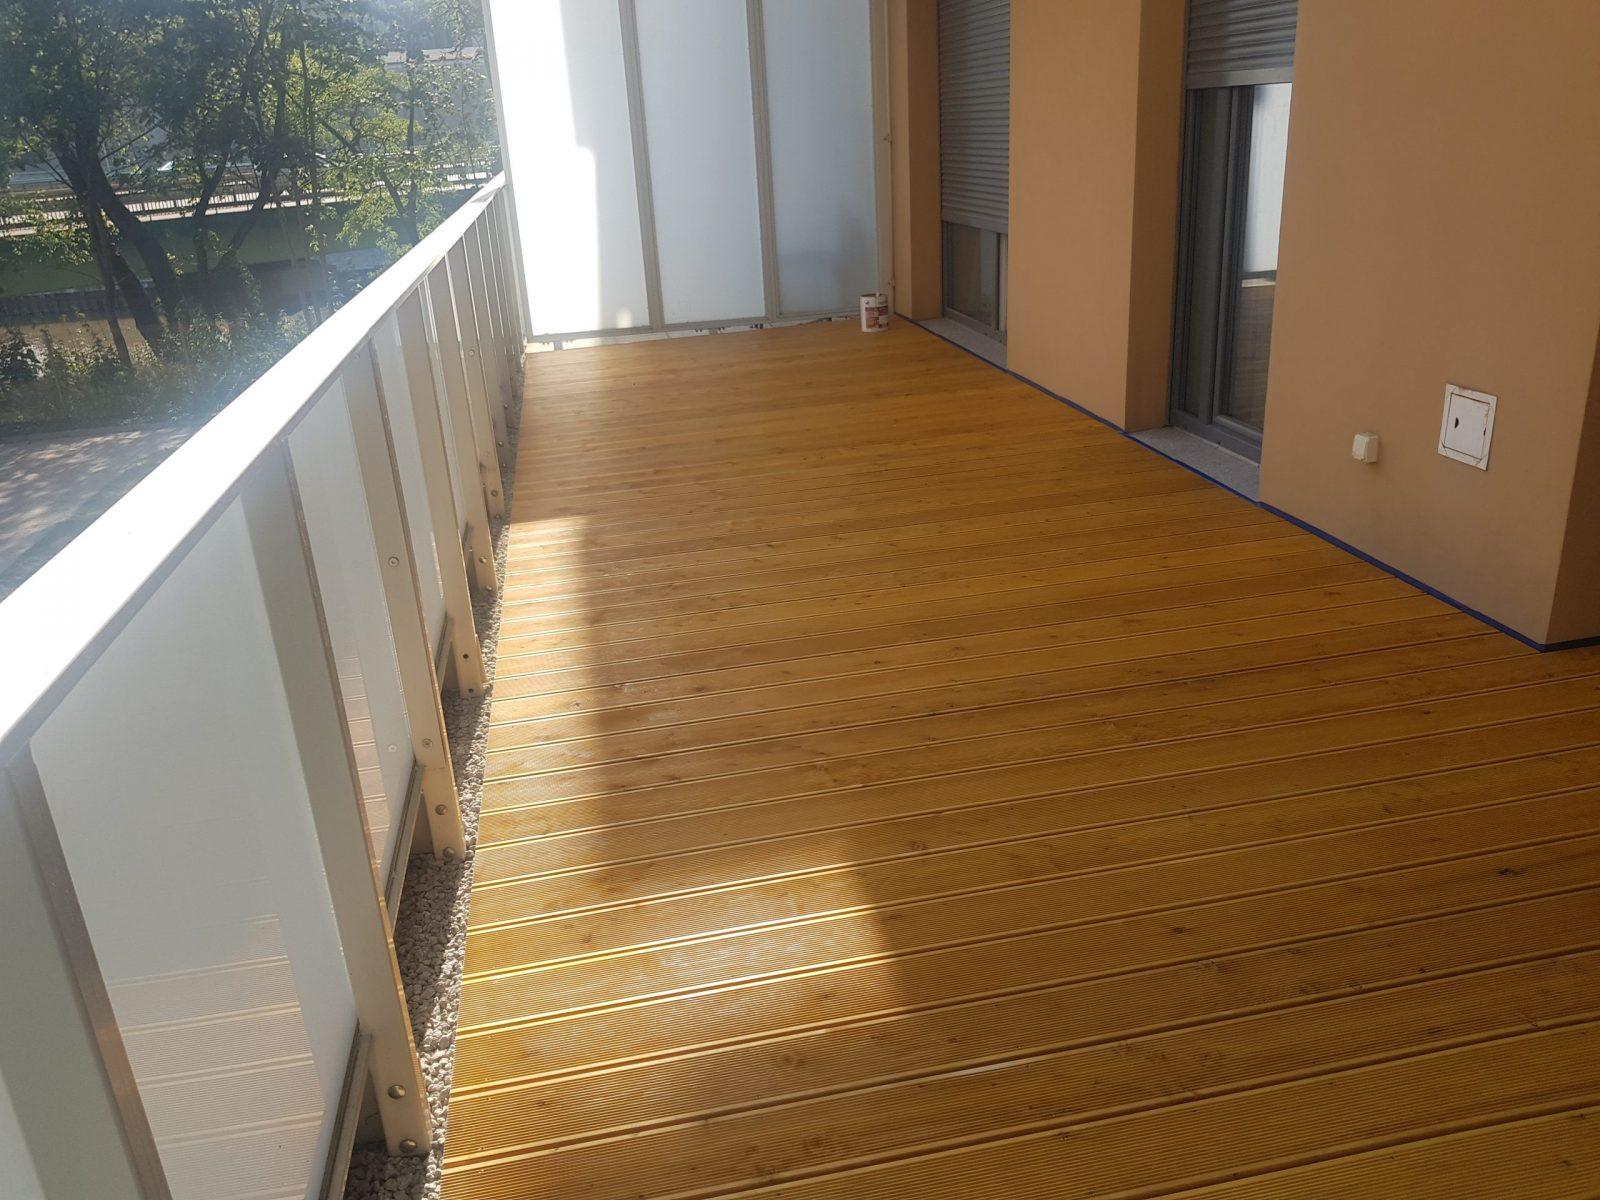 Taras drewniany na balkonie w bloku